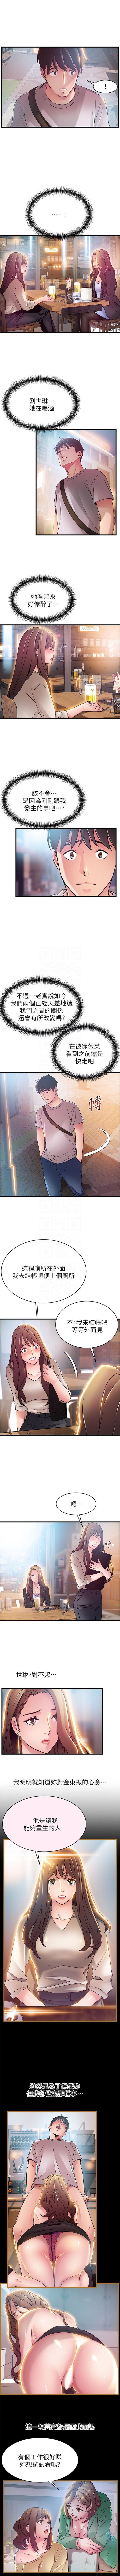 (周7)弱点 1-66 中文翻译(更新中) 266